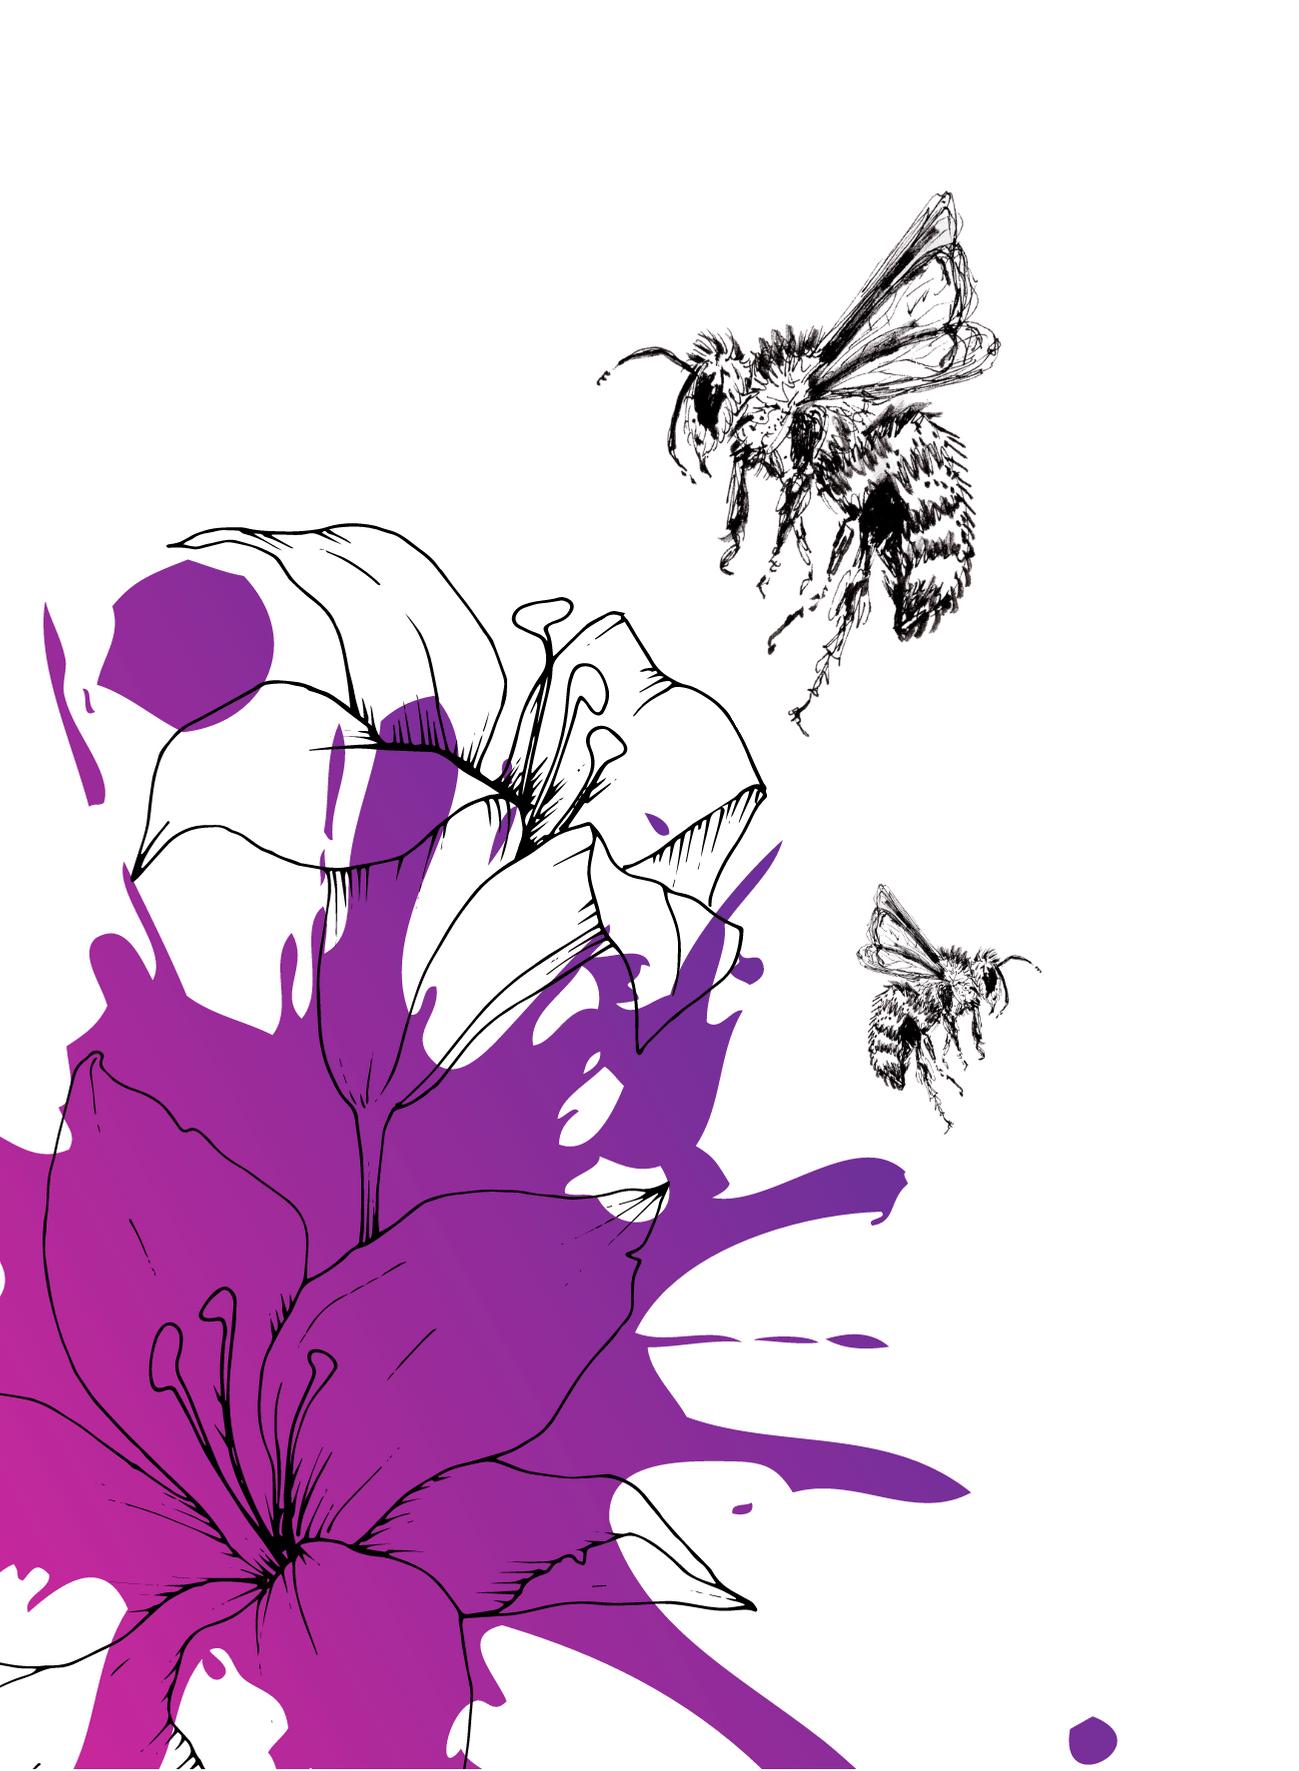 BijenSplash4